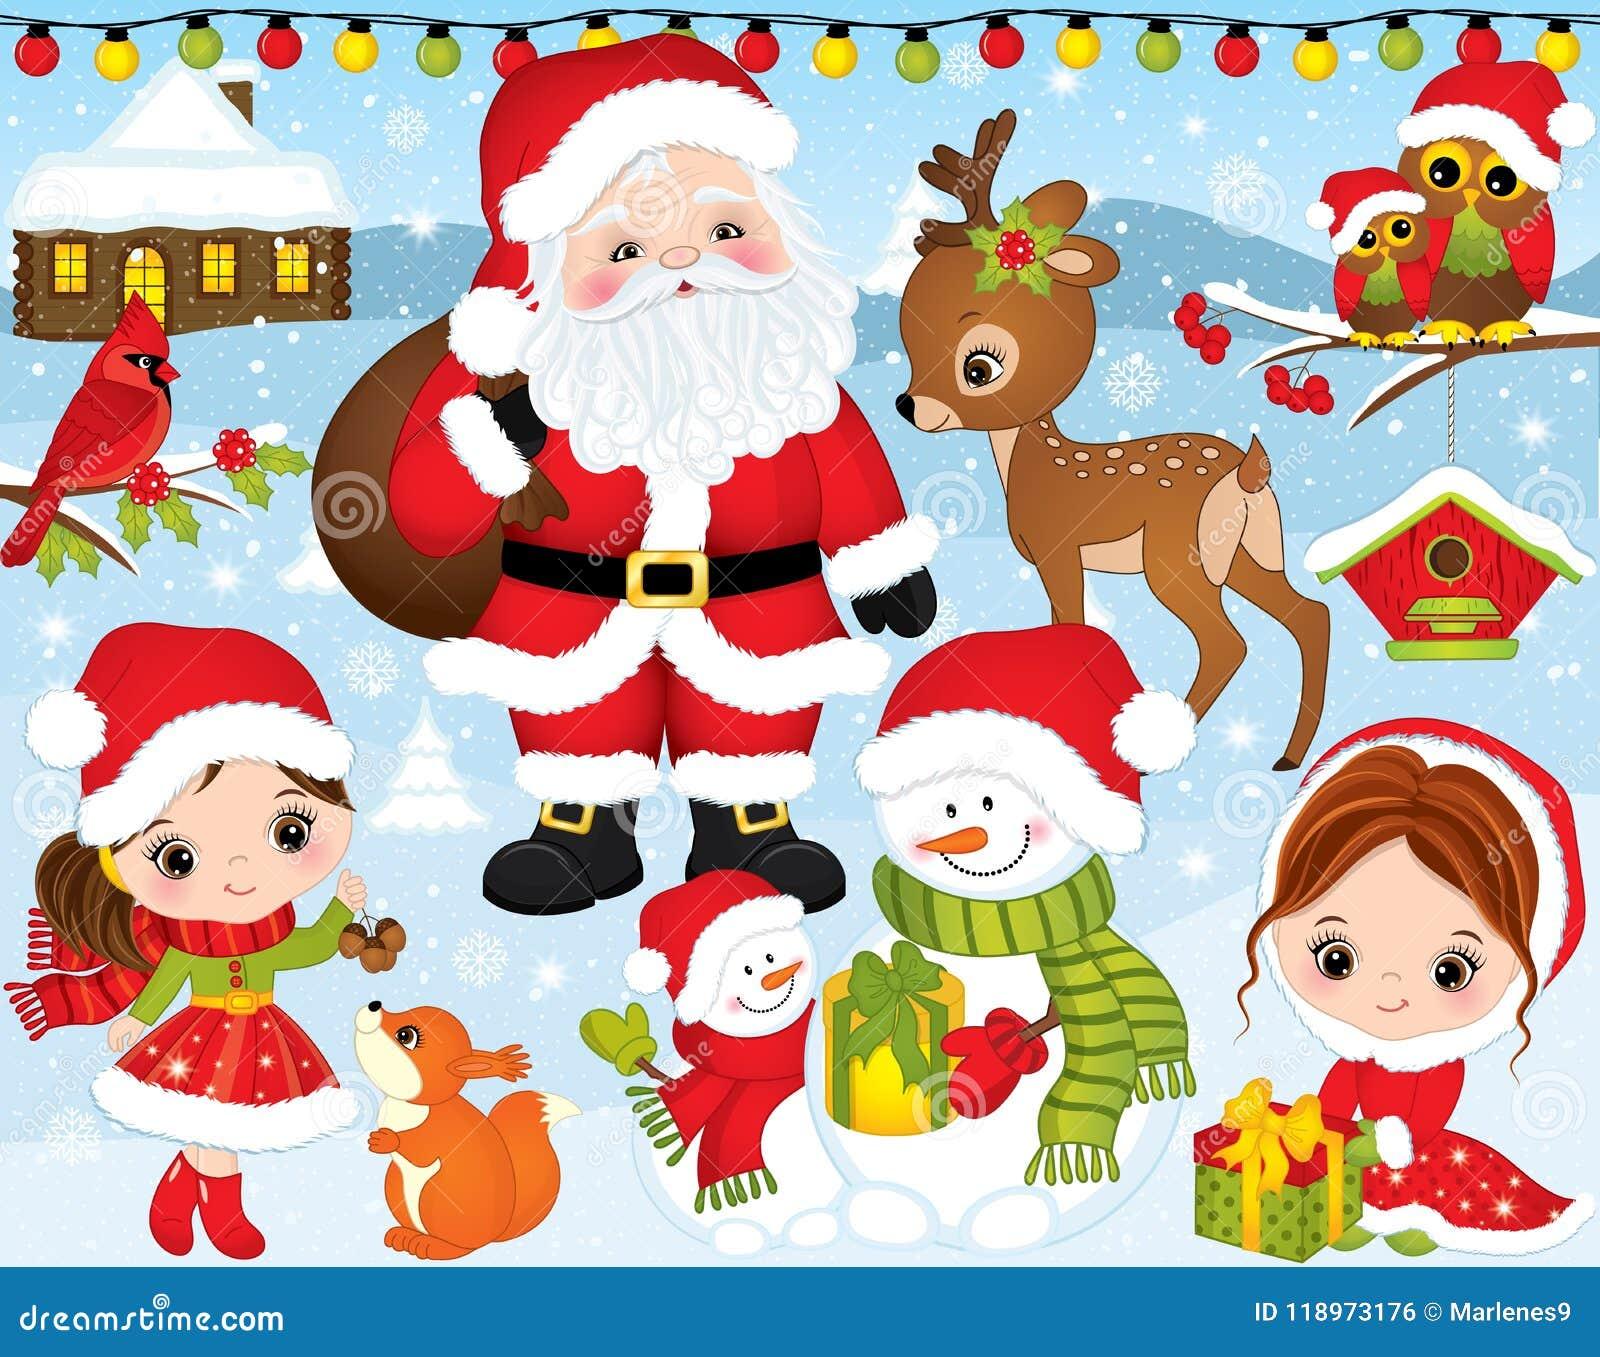 Weihnachten Bilder Bearbeiten.Vektor Weihnachten Und Neues Jahr Eingestellt Mit Sankt Kleinen